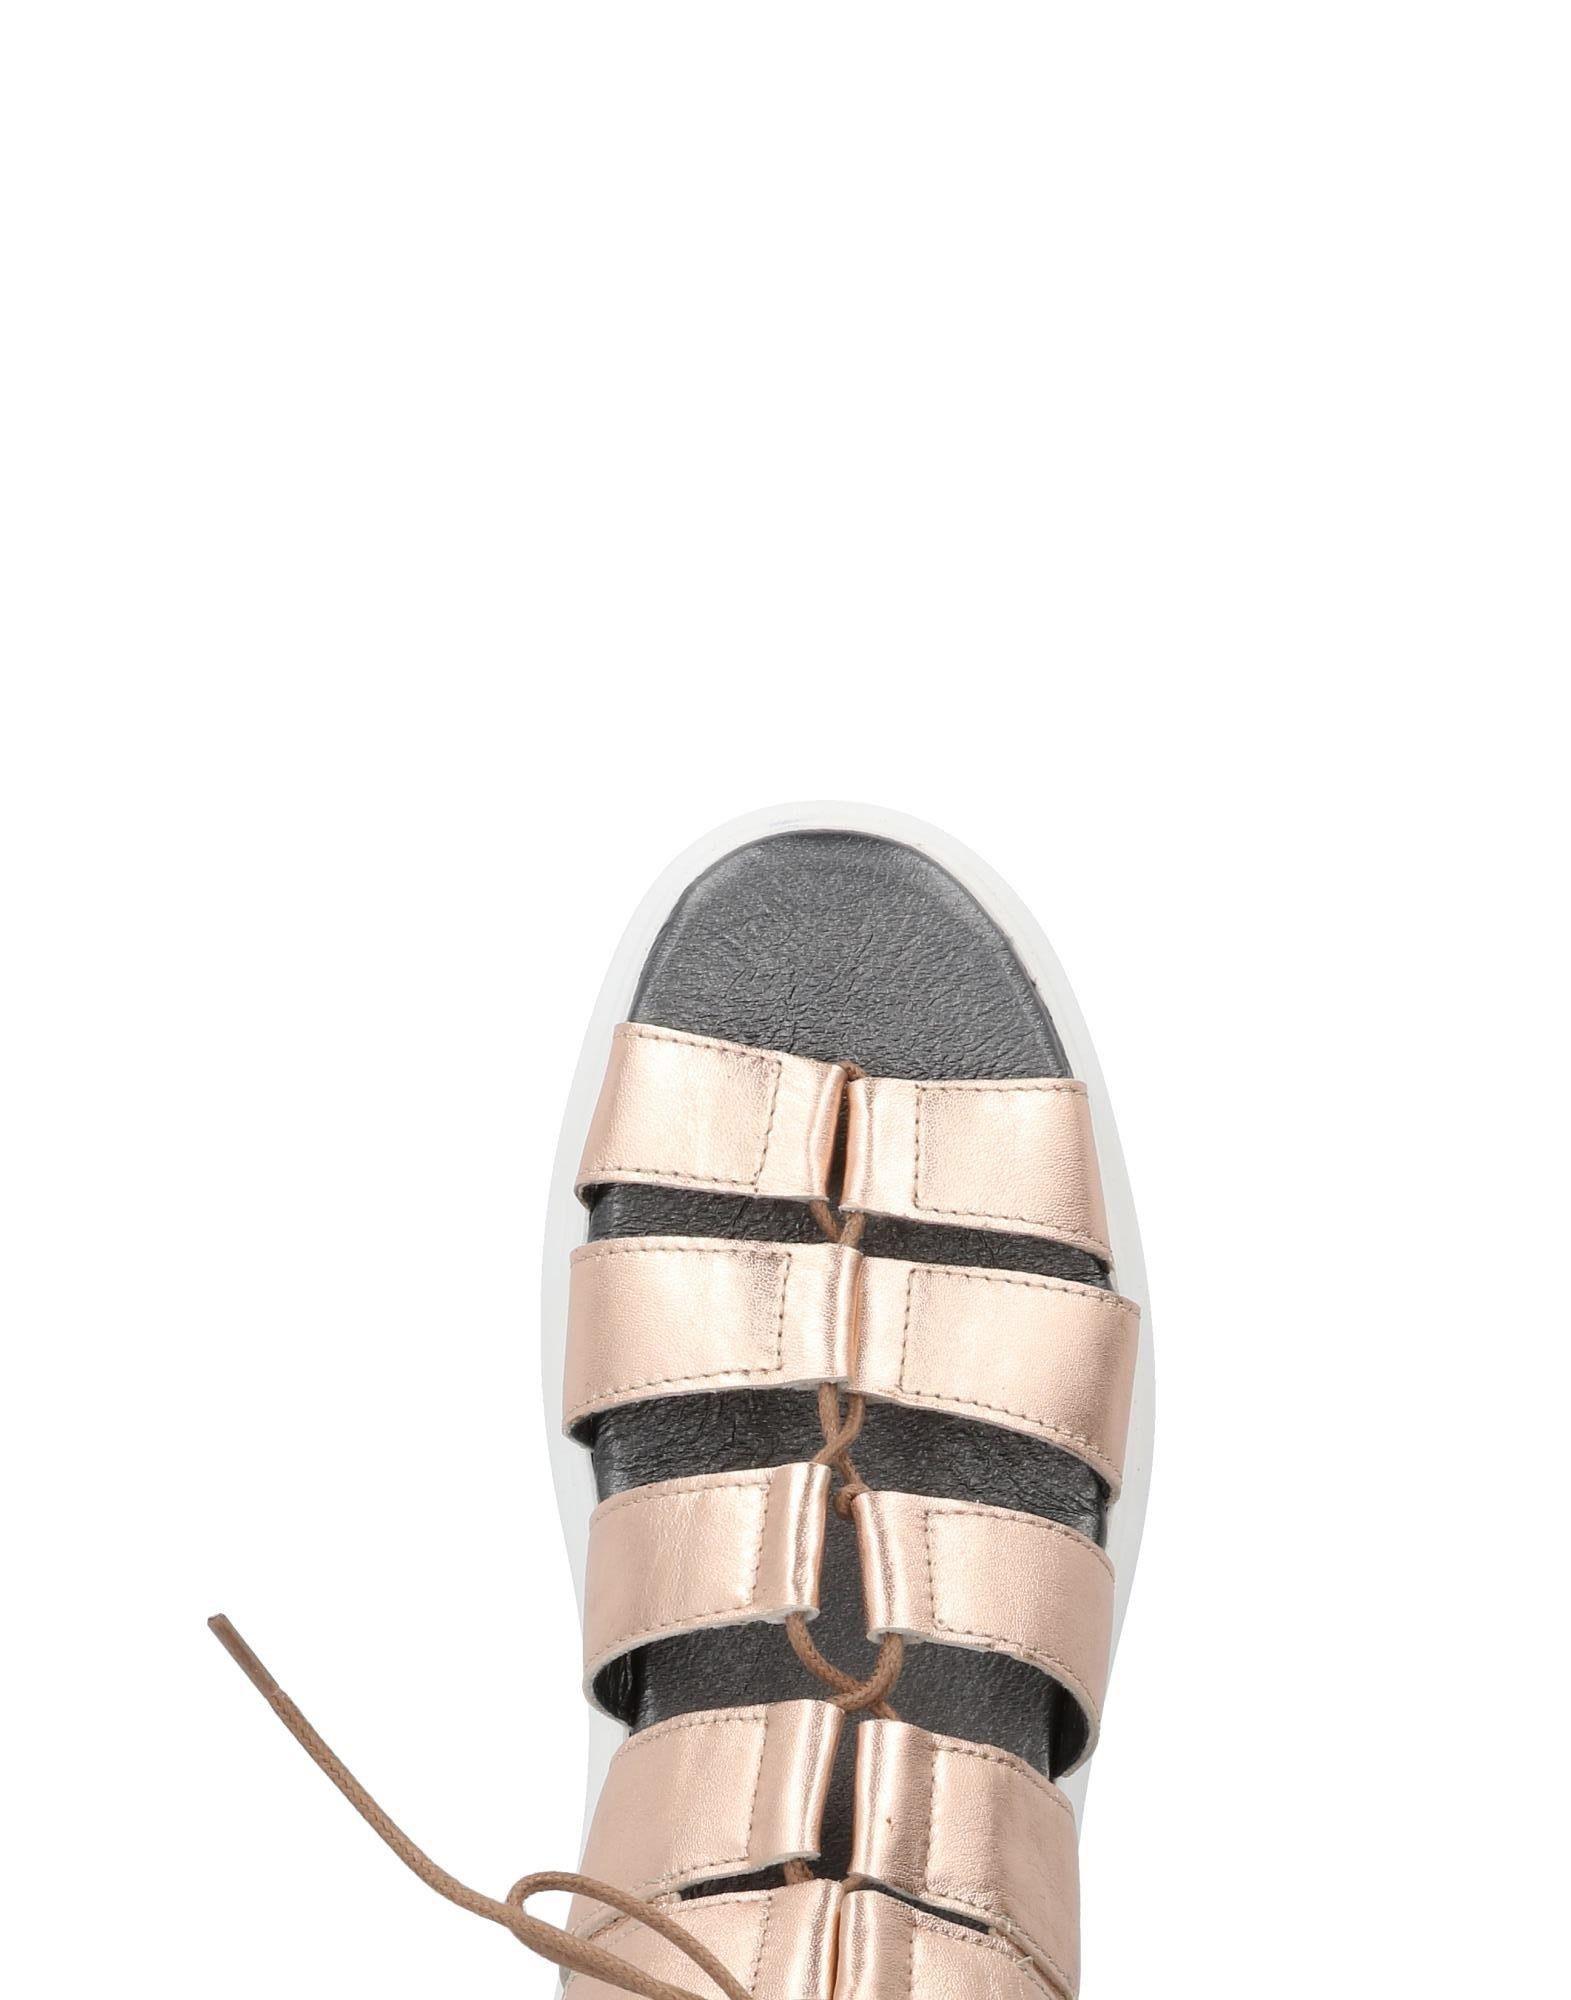 Diesel Heiße Sandalen Damen  11423697EH Heiße Diesel Schuhe f53300